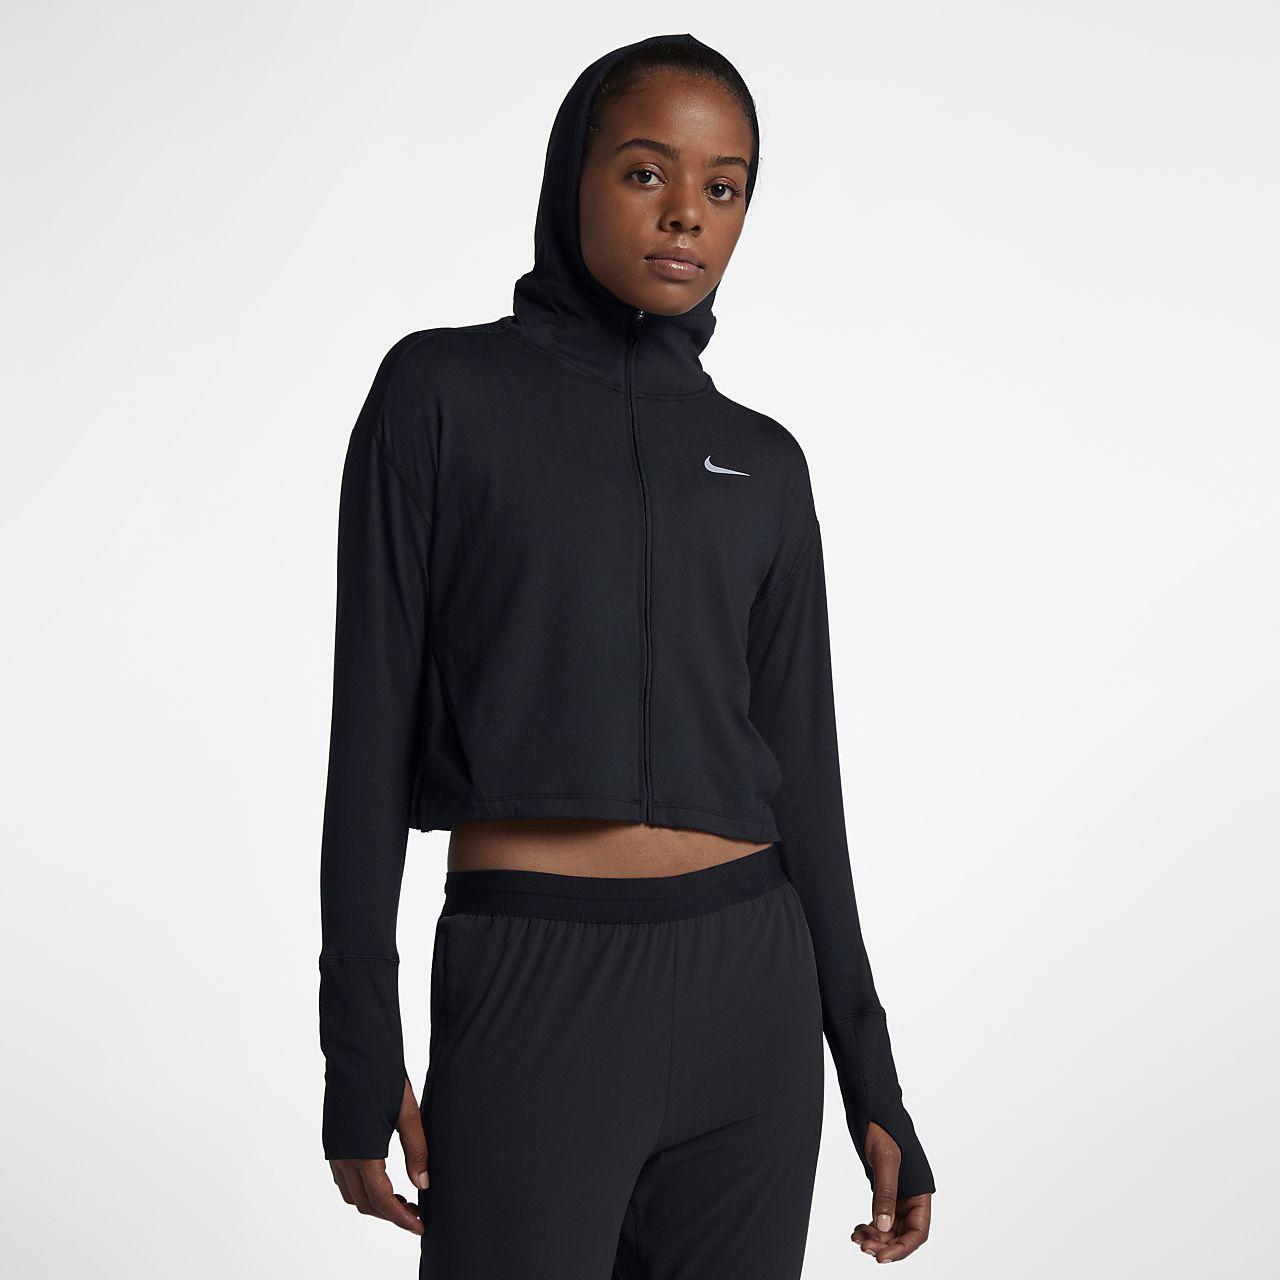 Nike Sudadera con capucha de running con cremallera completa - Mujer